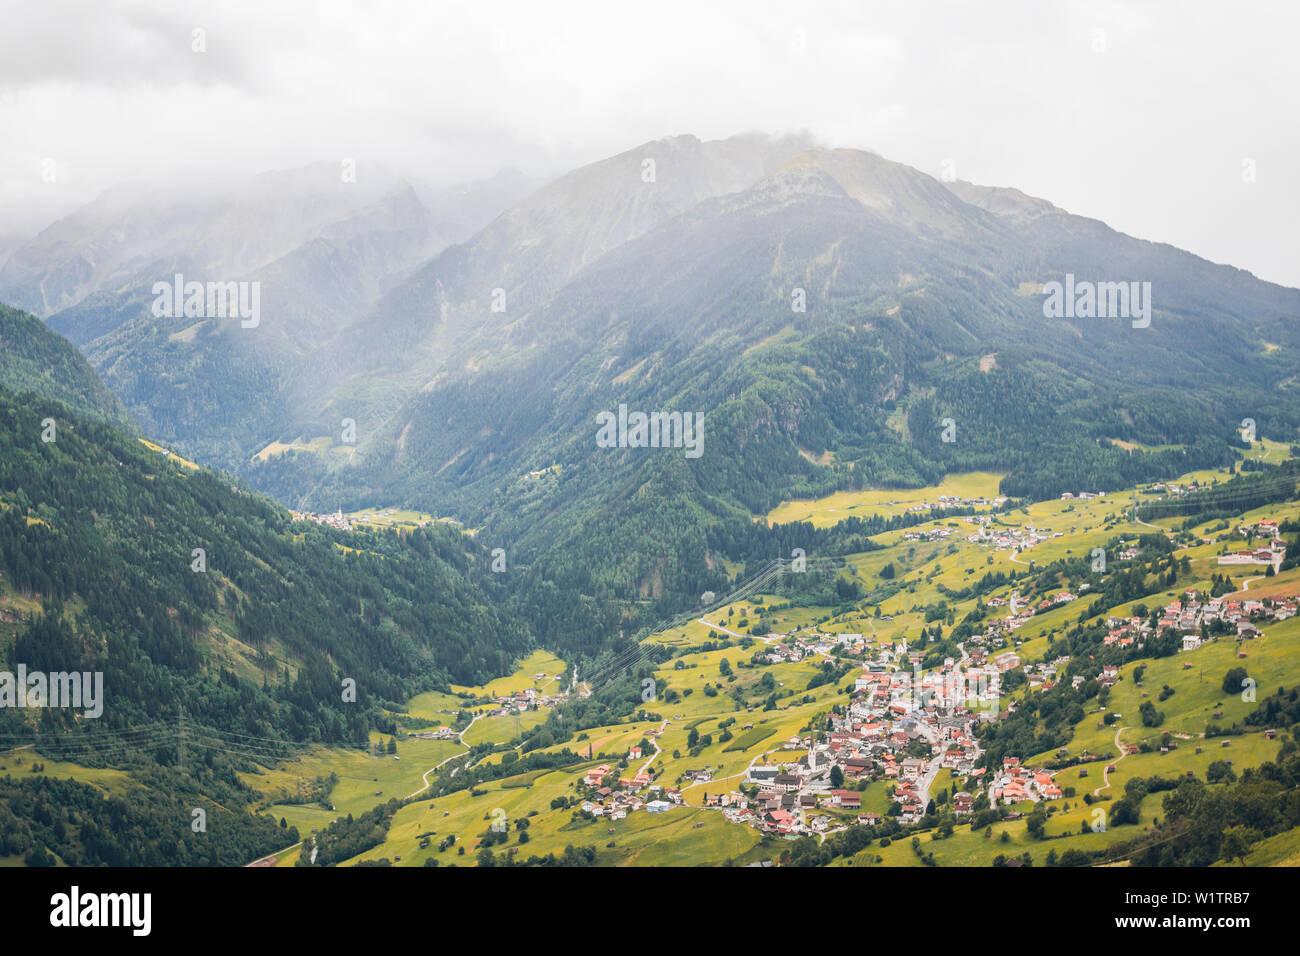 Panoramic view over a mountain village, E5, Alpenüberquerung, 4th stage, Skihütte Zams,Pitztal,Lacheralm, Wenns, Gletscherstube, Zams to Braunschweige - Stock Image